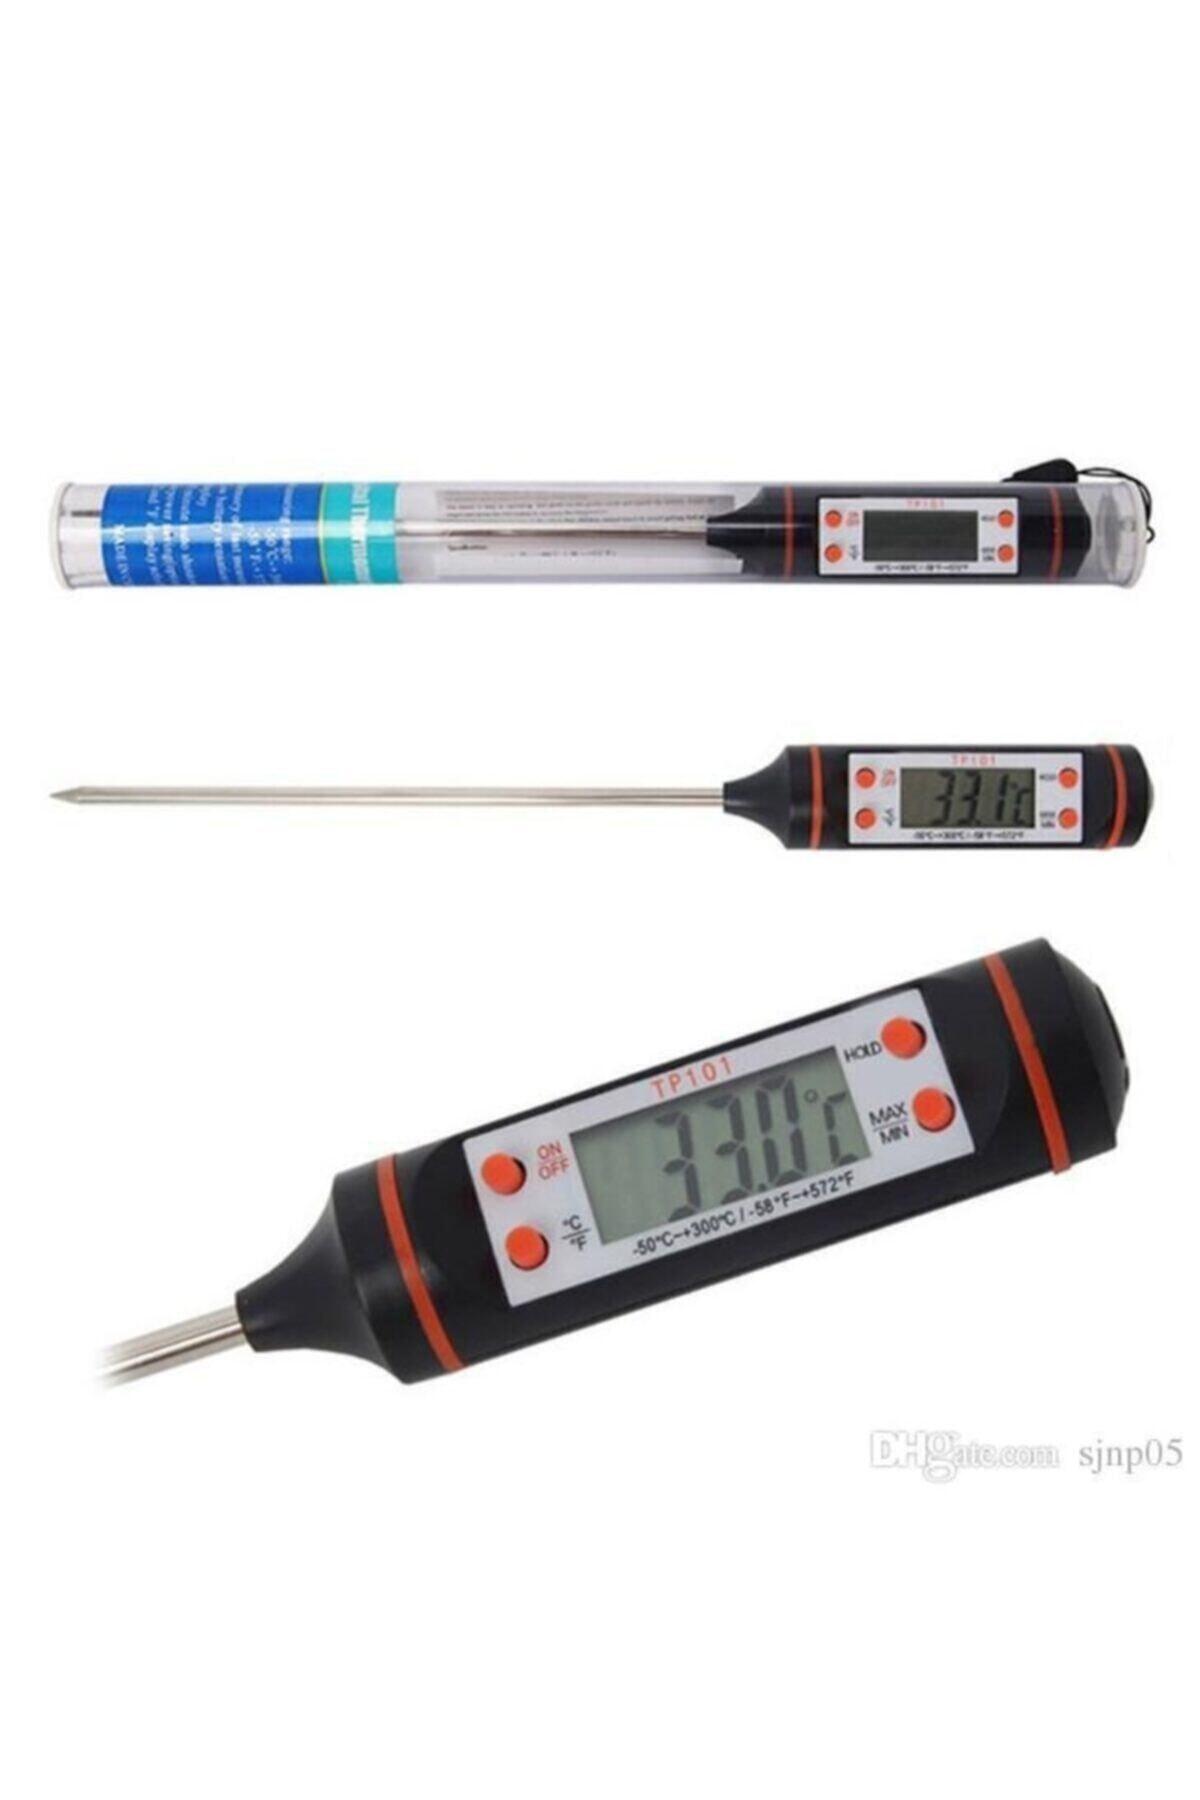 Kısmet Dijital Gıda Termometersi Sıvı Gıda,et,su,süt Yiyecek Sıcaklık Ölçer Mutfak Için Gıda Termometresi 1